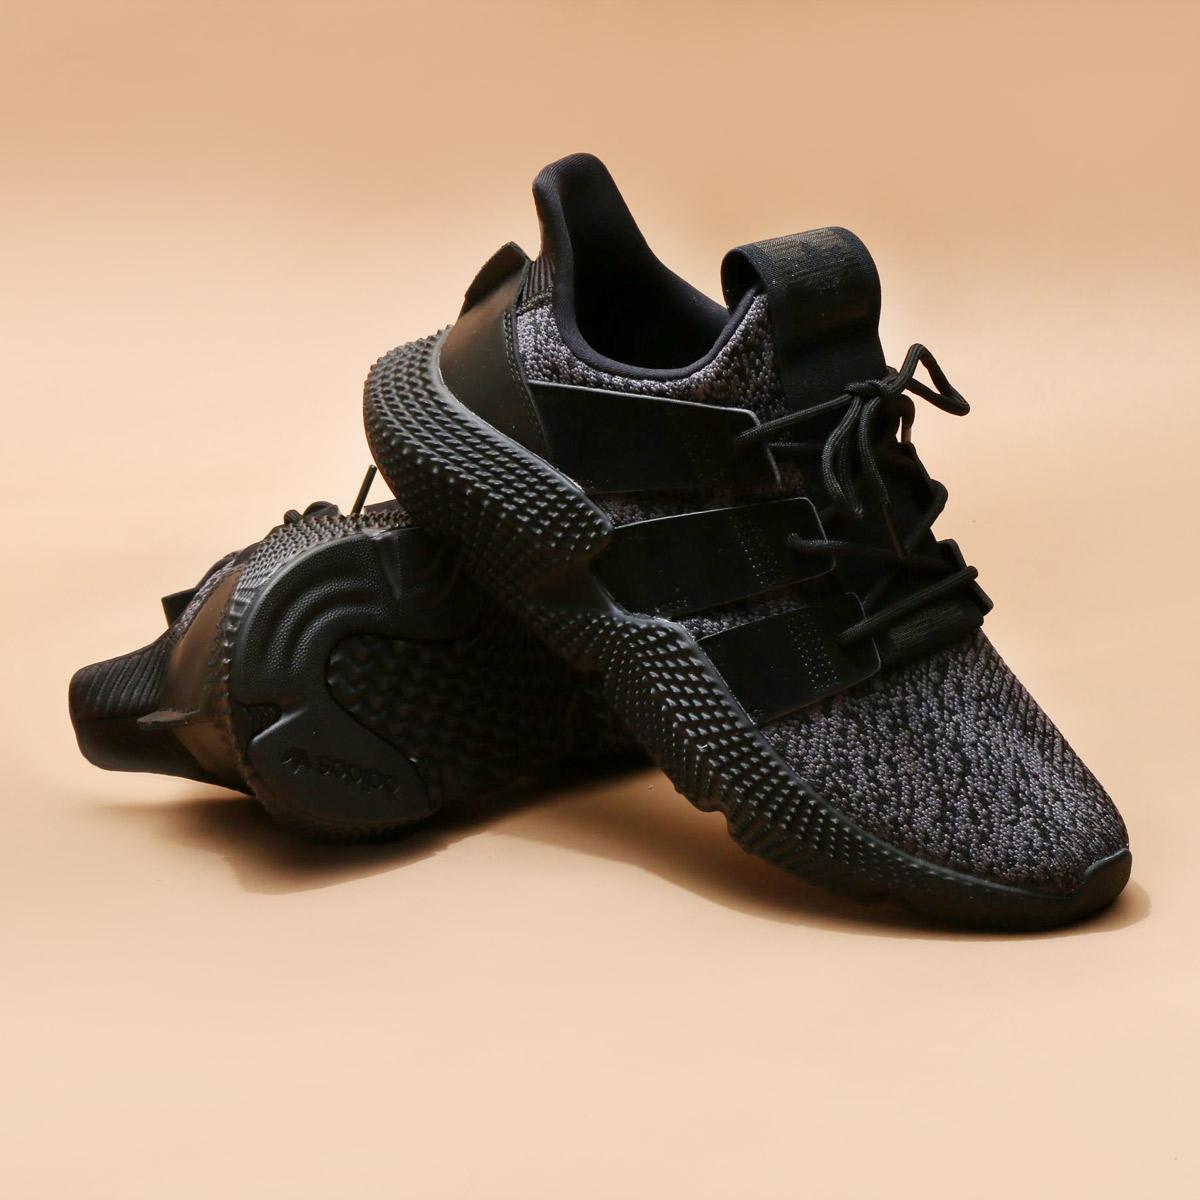 品多く adidas Black/Solar adidas Originals PROPHERE(アディダス オリジナルス Black/Core プロフィア)Core Black/Core Black/Solar Red18SS-I, 朝倉町:b5c07604 --- paulogalvao.com